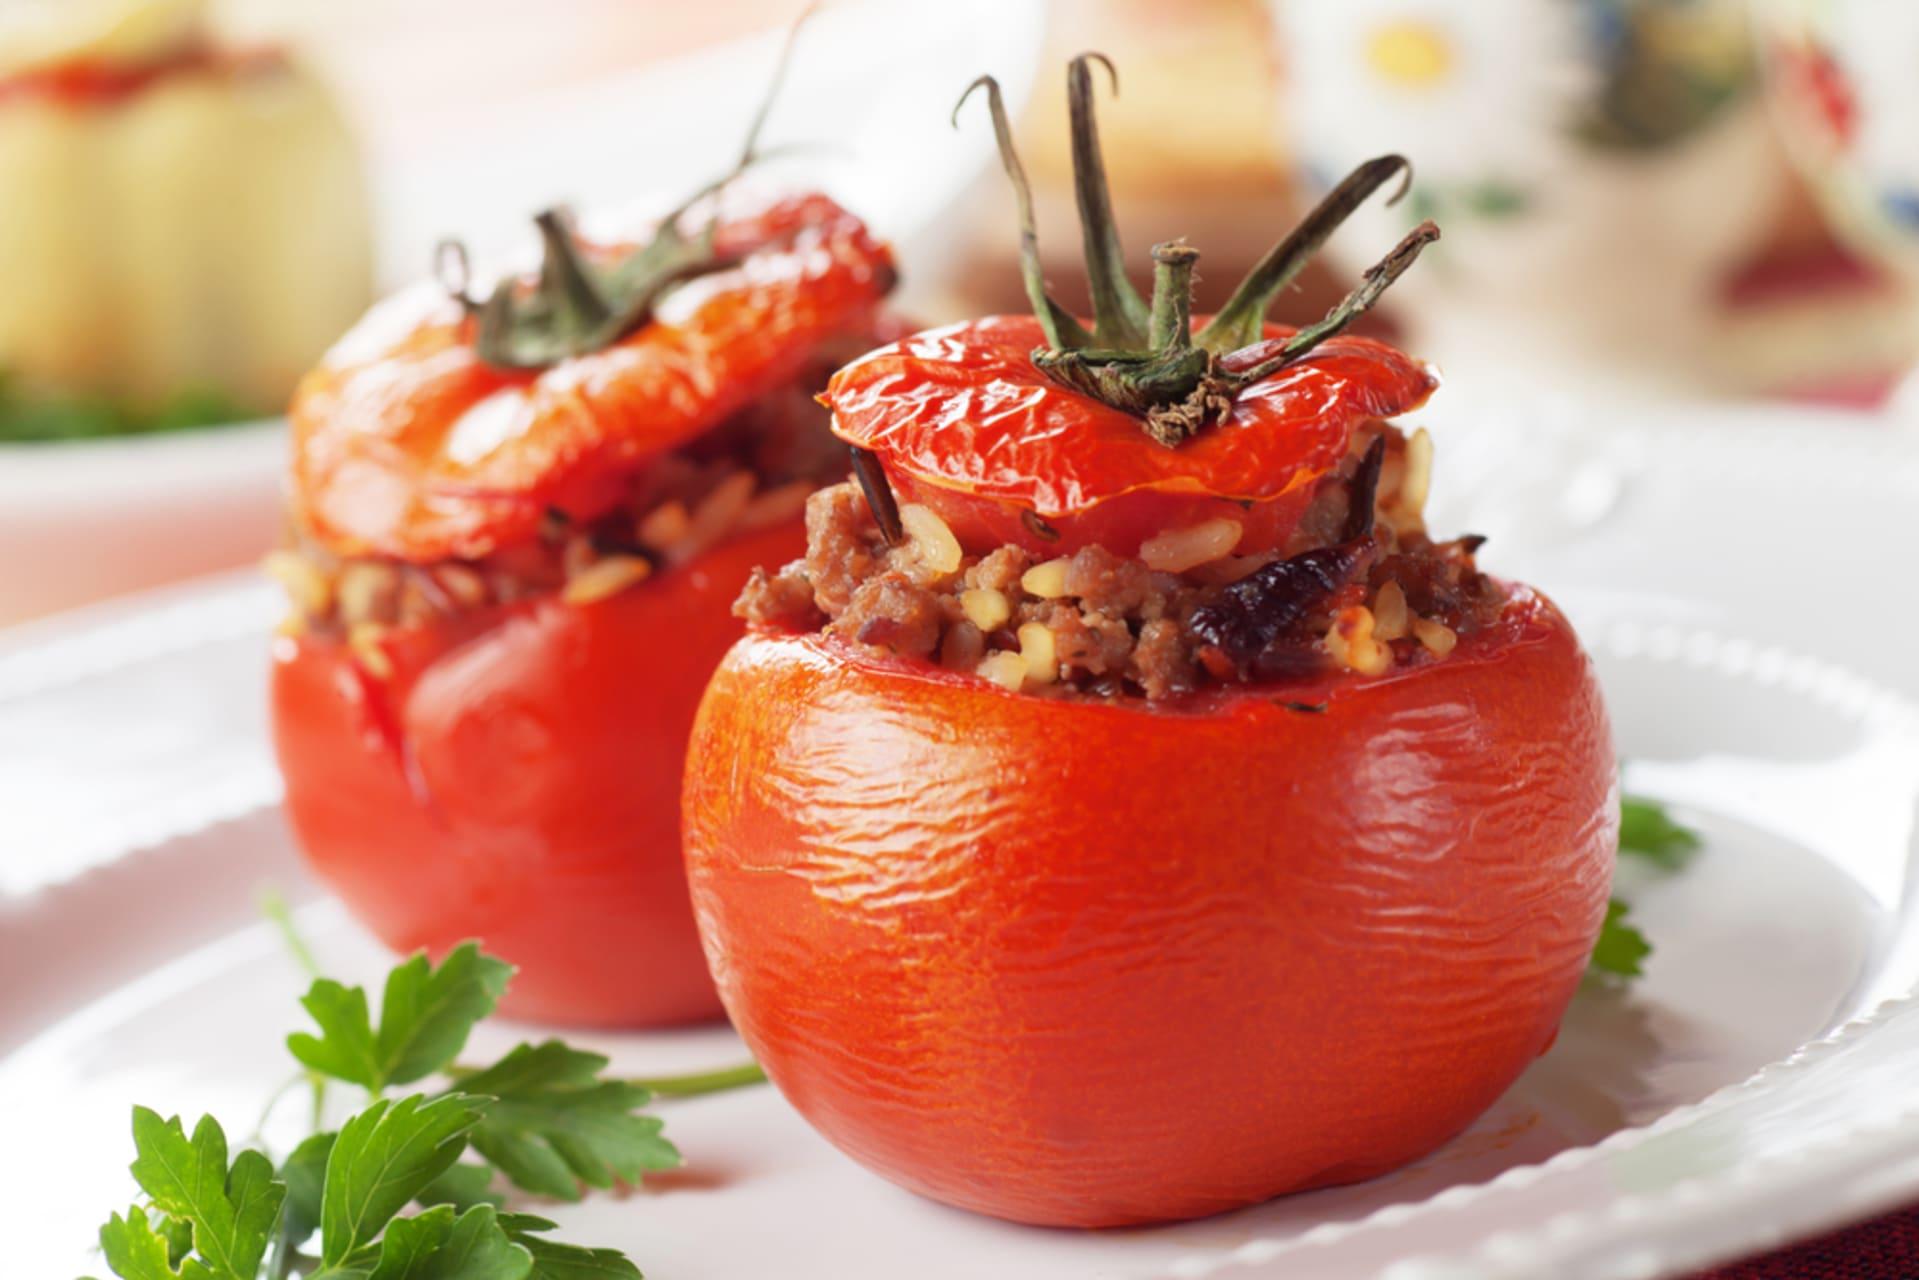 Rome - Pomodori con riso